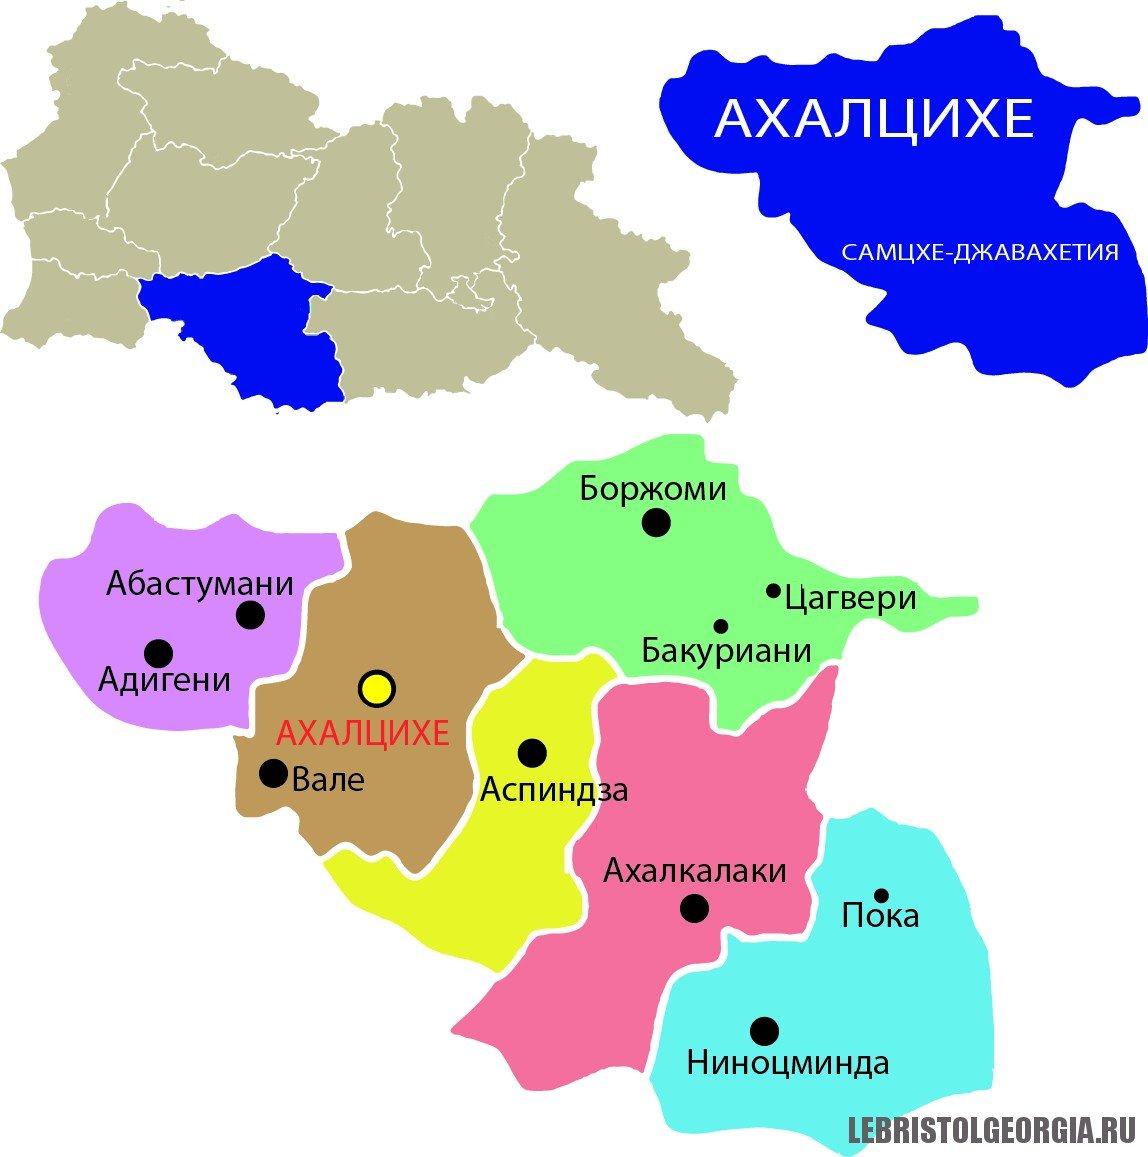 Ахалцихе Грузия